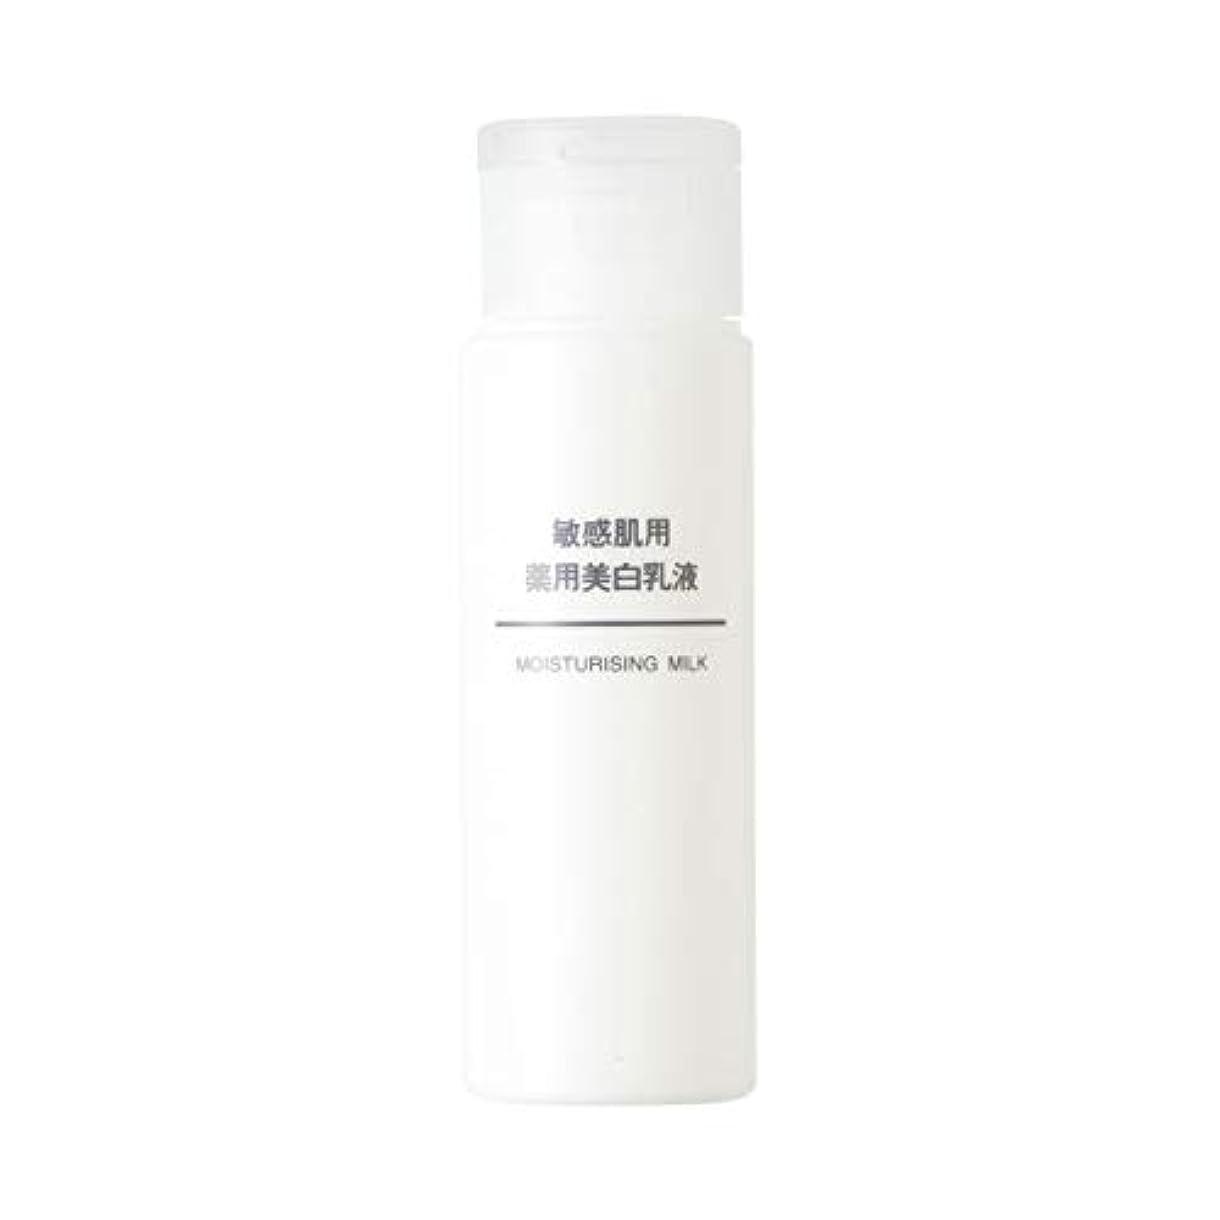 王朝シーボード骨折無印良品 敏感肌用 薬用美白乳液(携帯用) (新)50ml